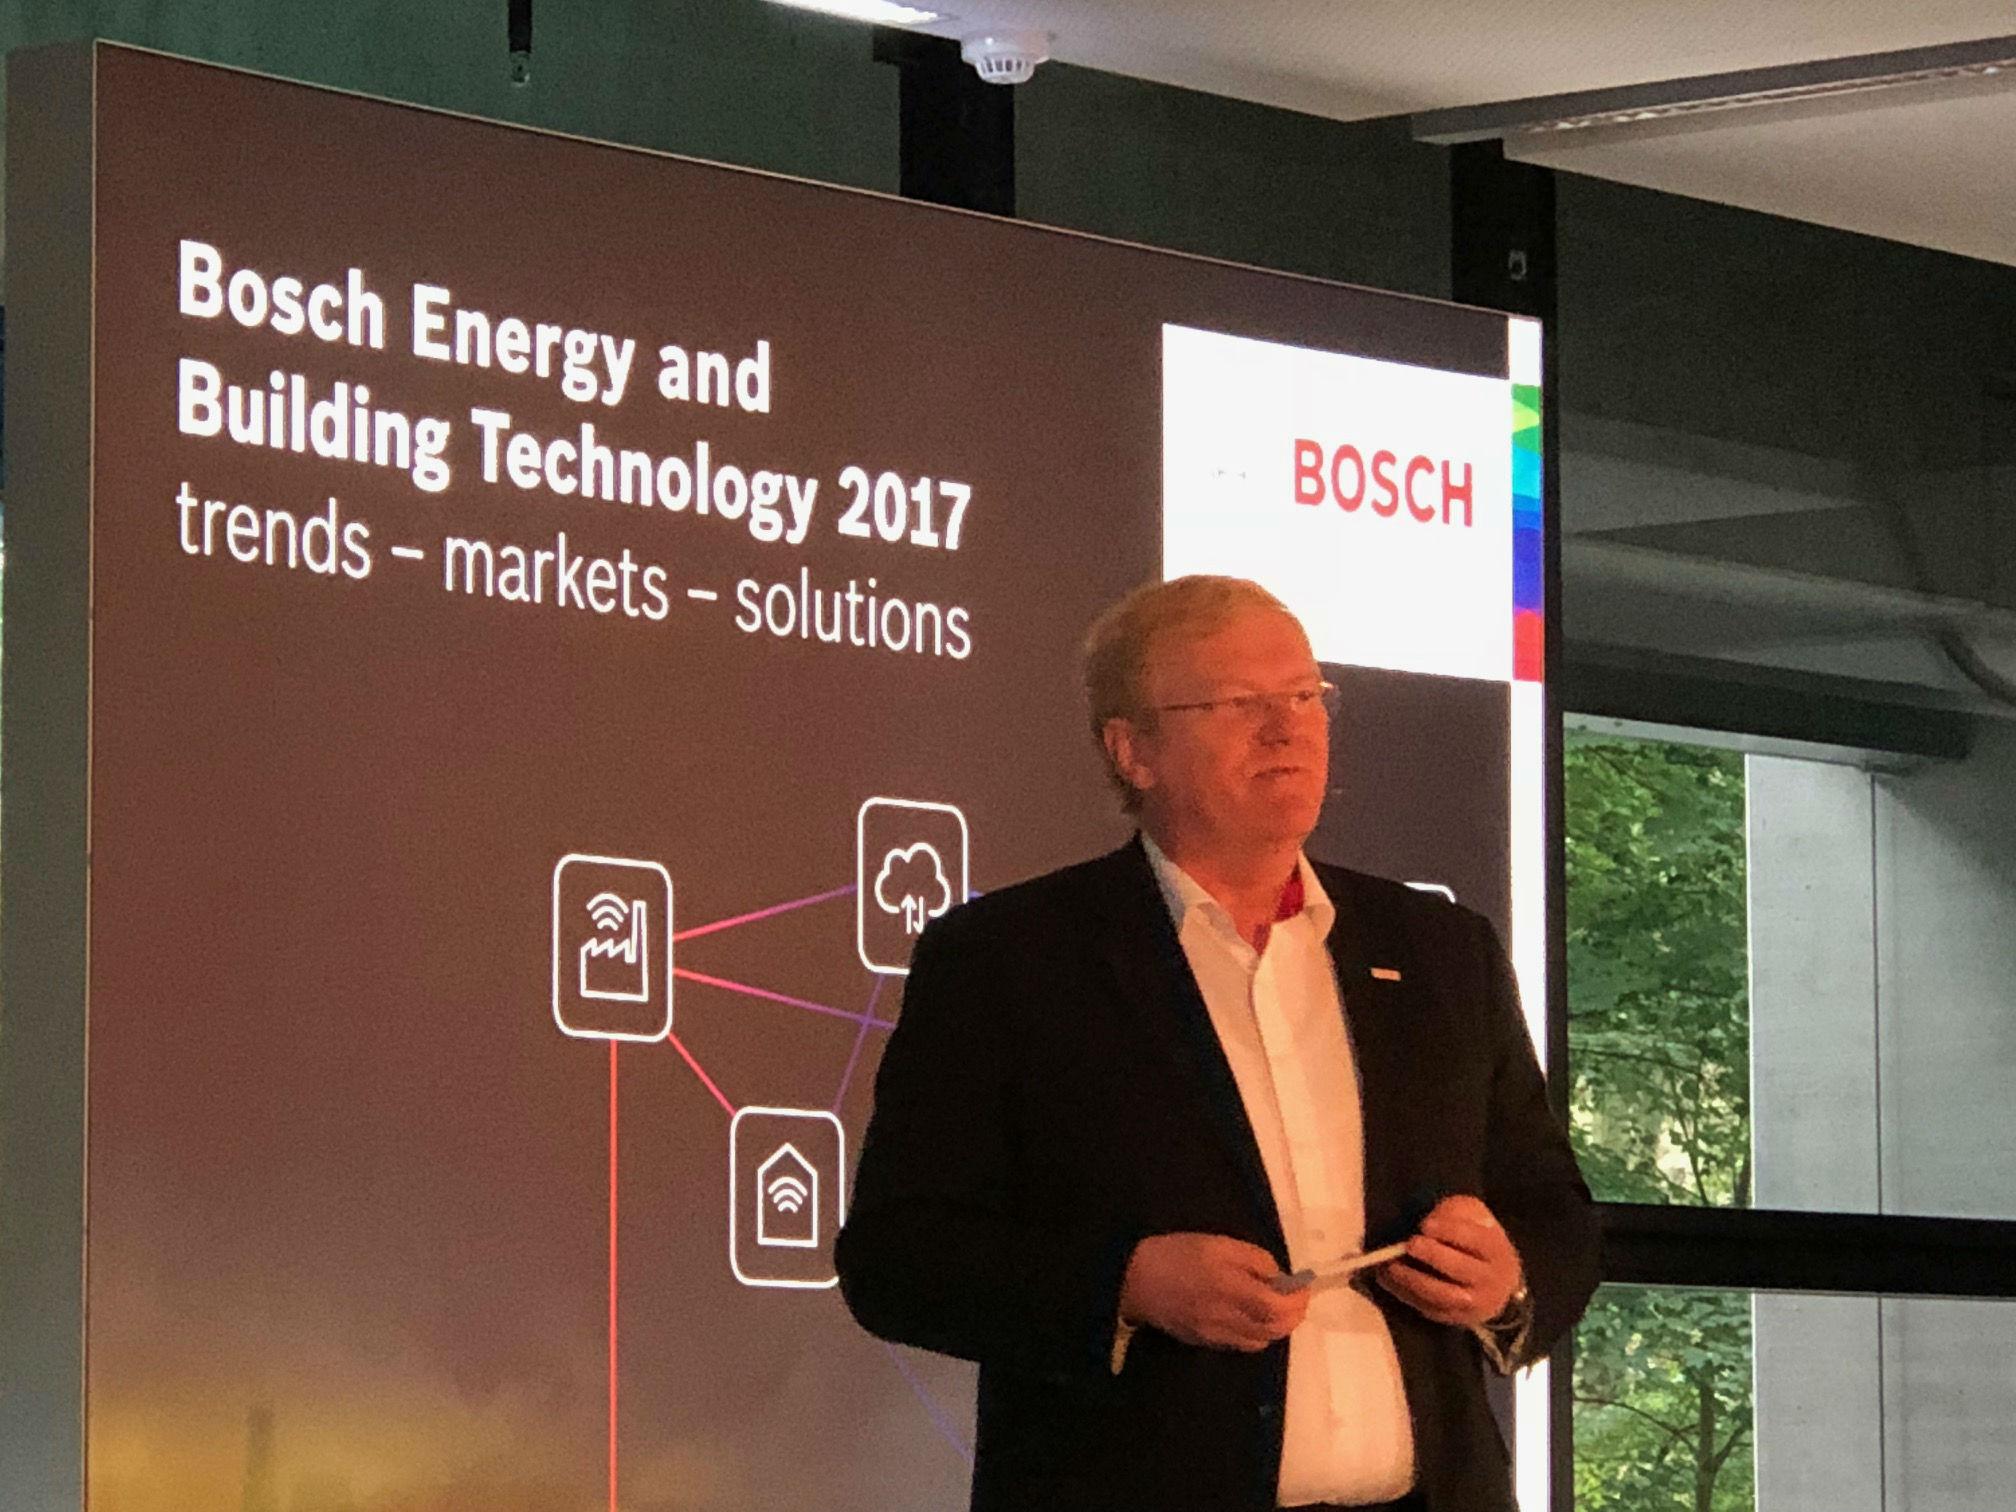 Dr. Stefan Hartung, Robert Bosch GmbH